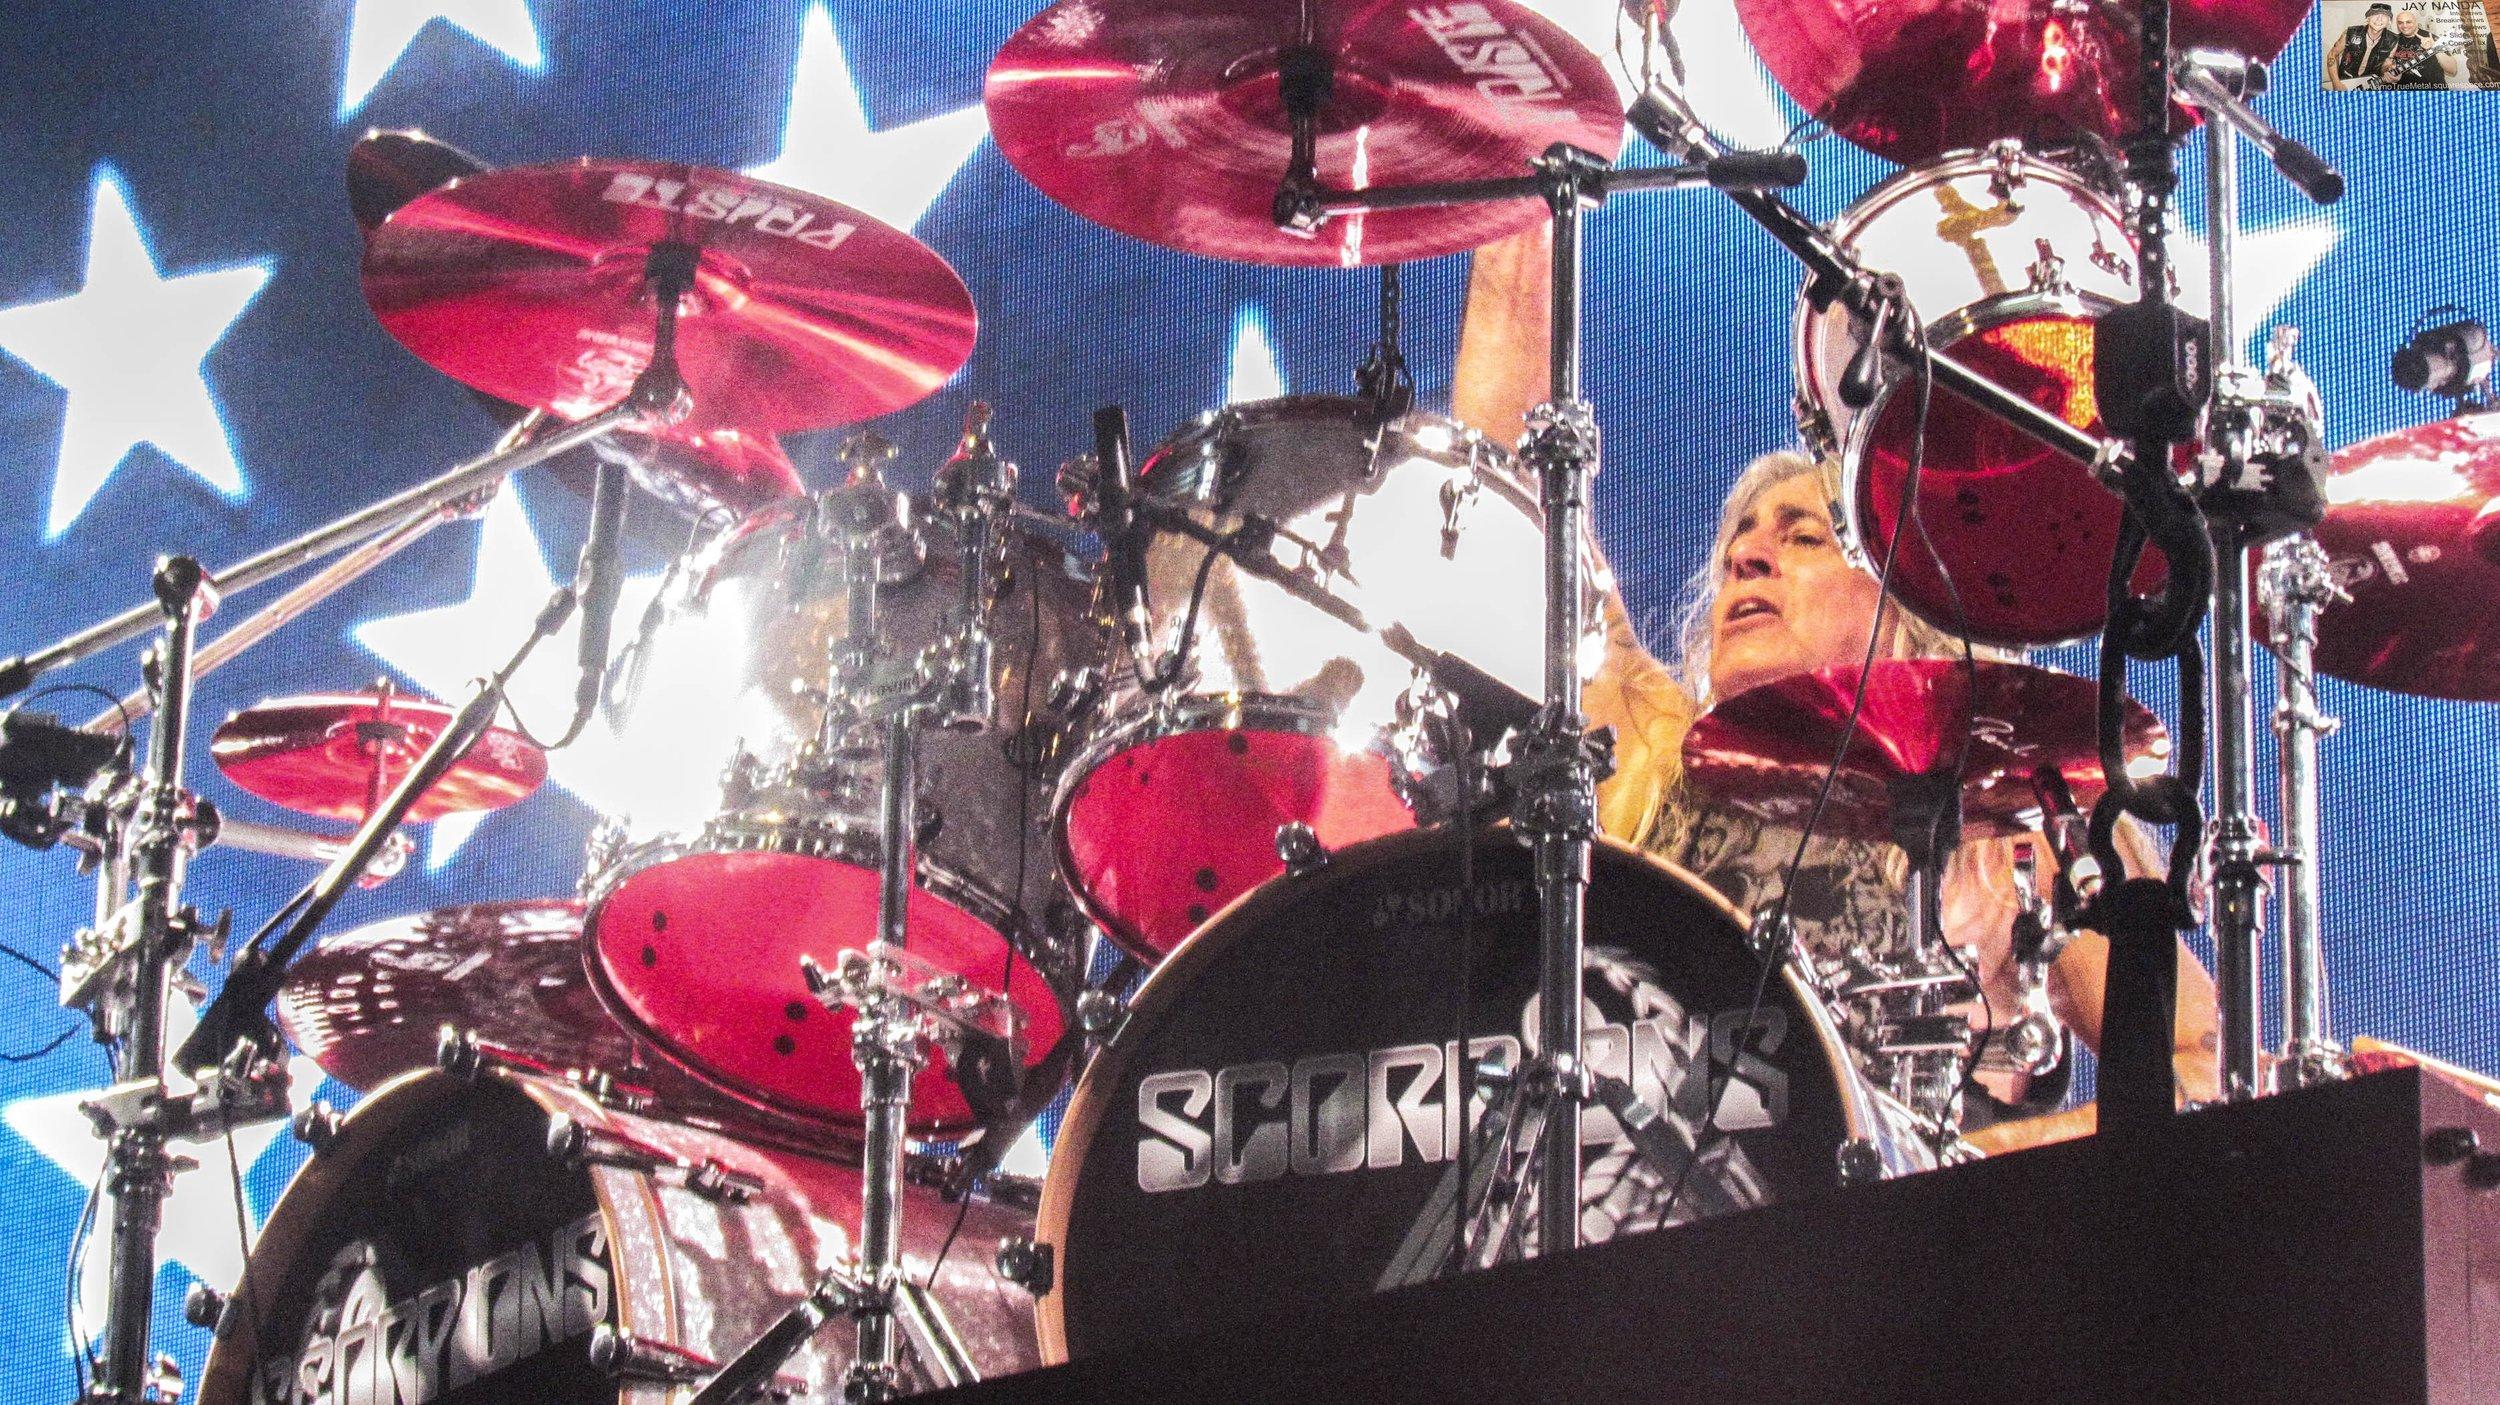 Scorpions 21.jpg